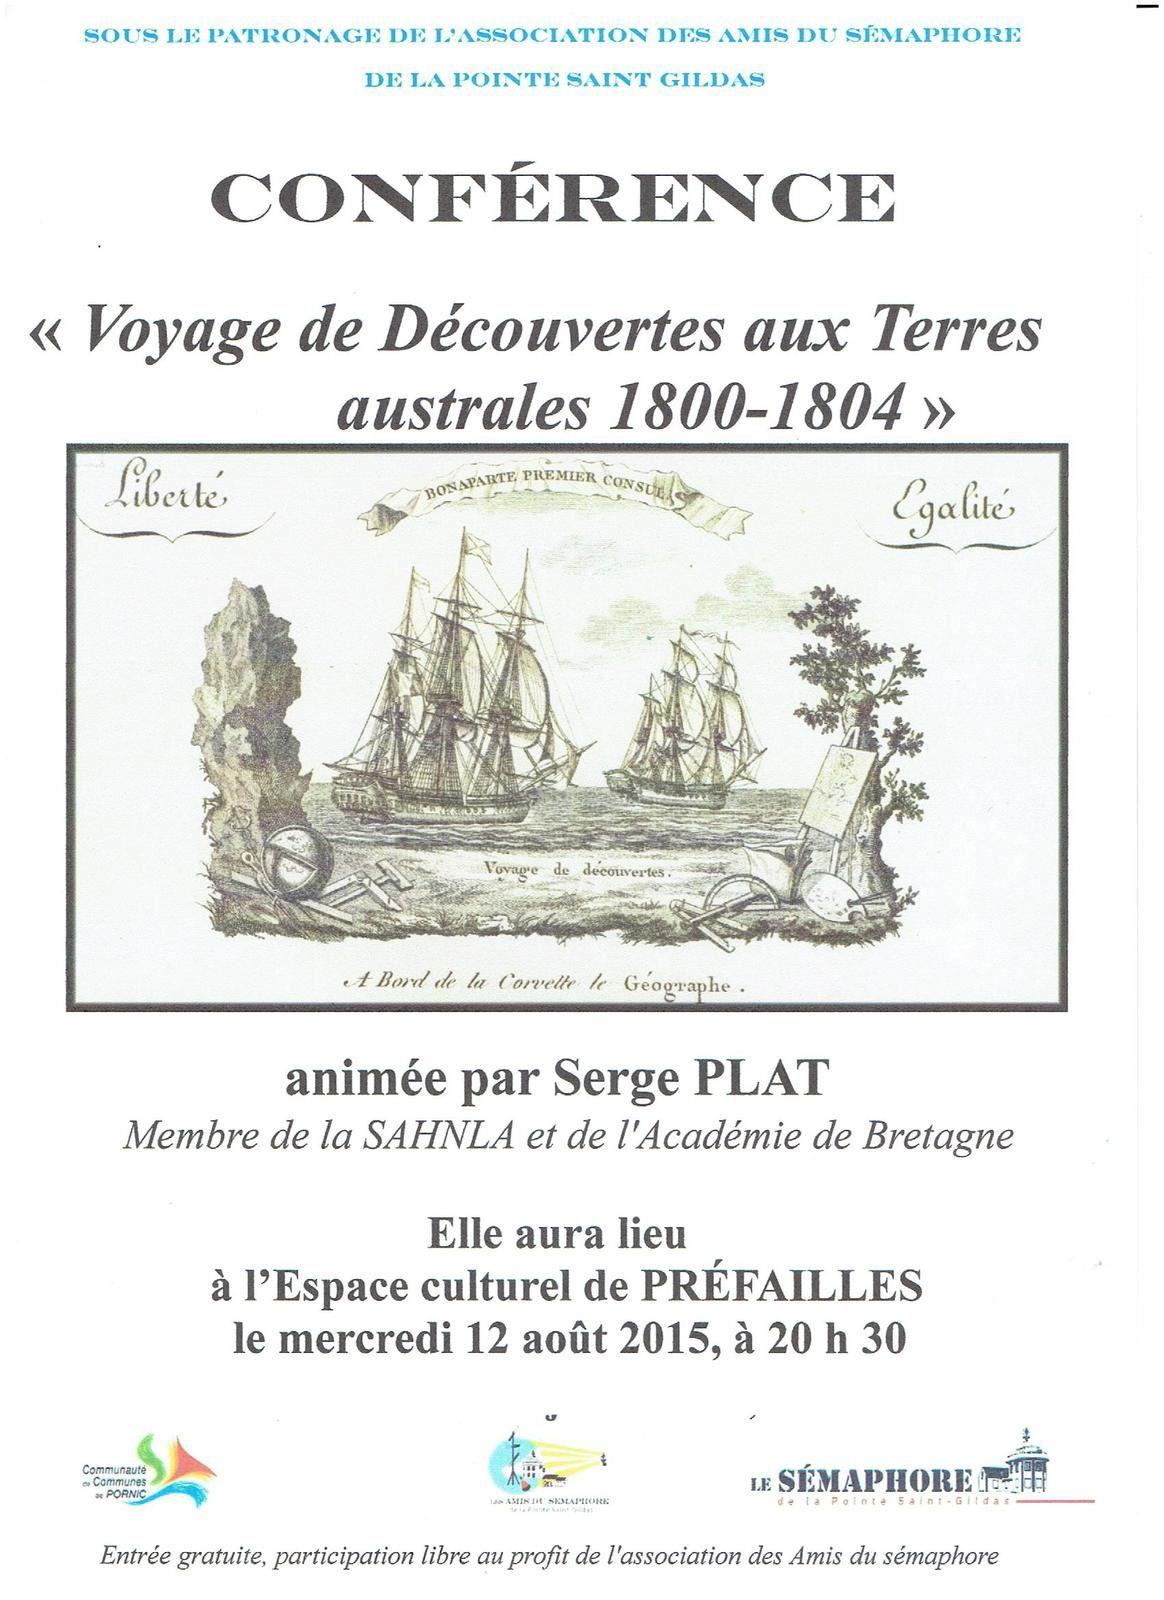 PREFAILLES : &quot&#x3B;VOYAGE DE DECOUVERTES AUX TERRES AUSTRALES 1800-1804&quot&#x3B;